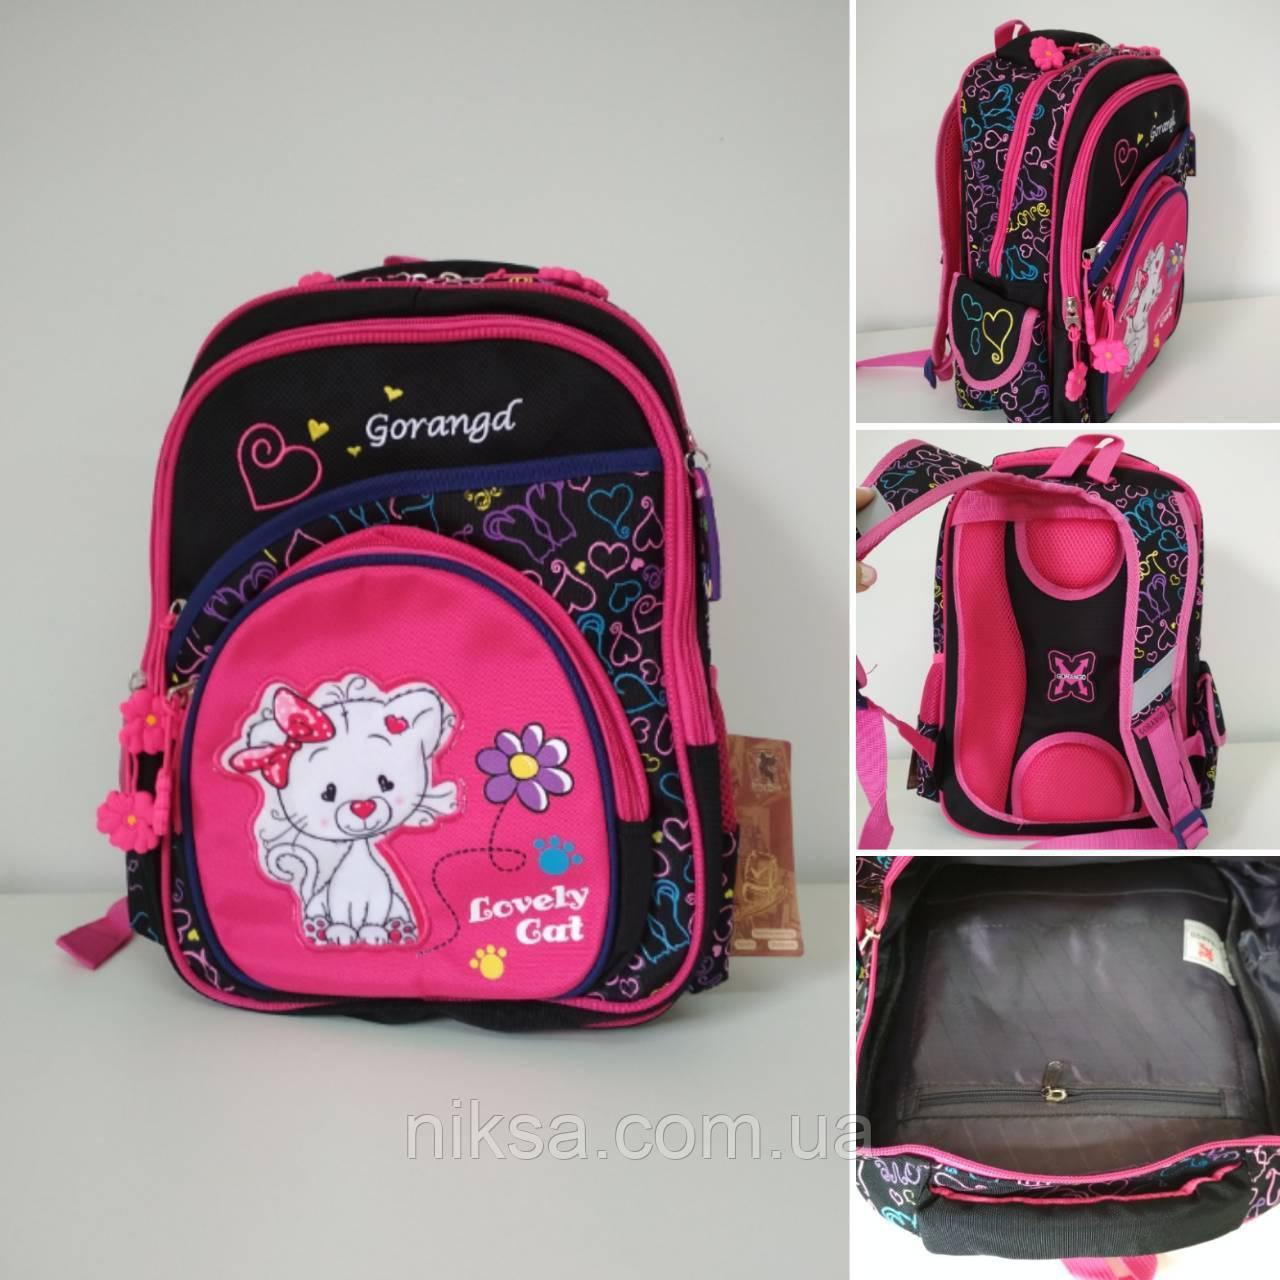 Рюкзак для девочек, кошка хорошее качество фирма Gorangd размер 38х26х19